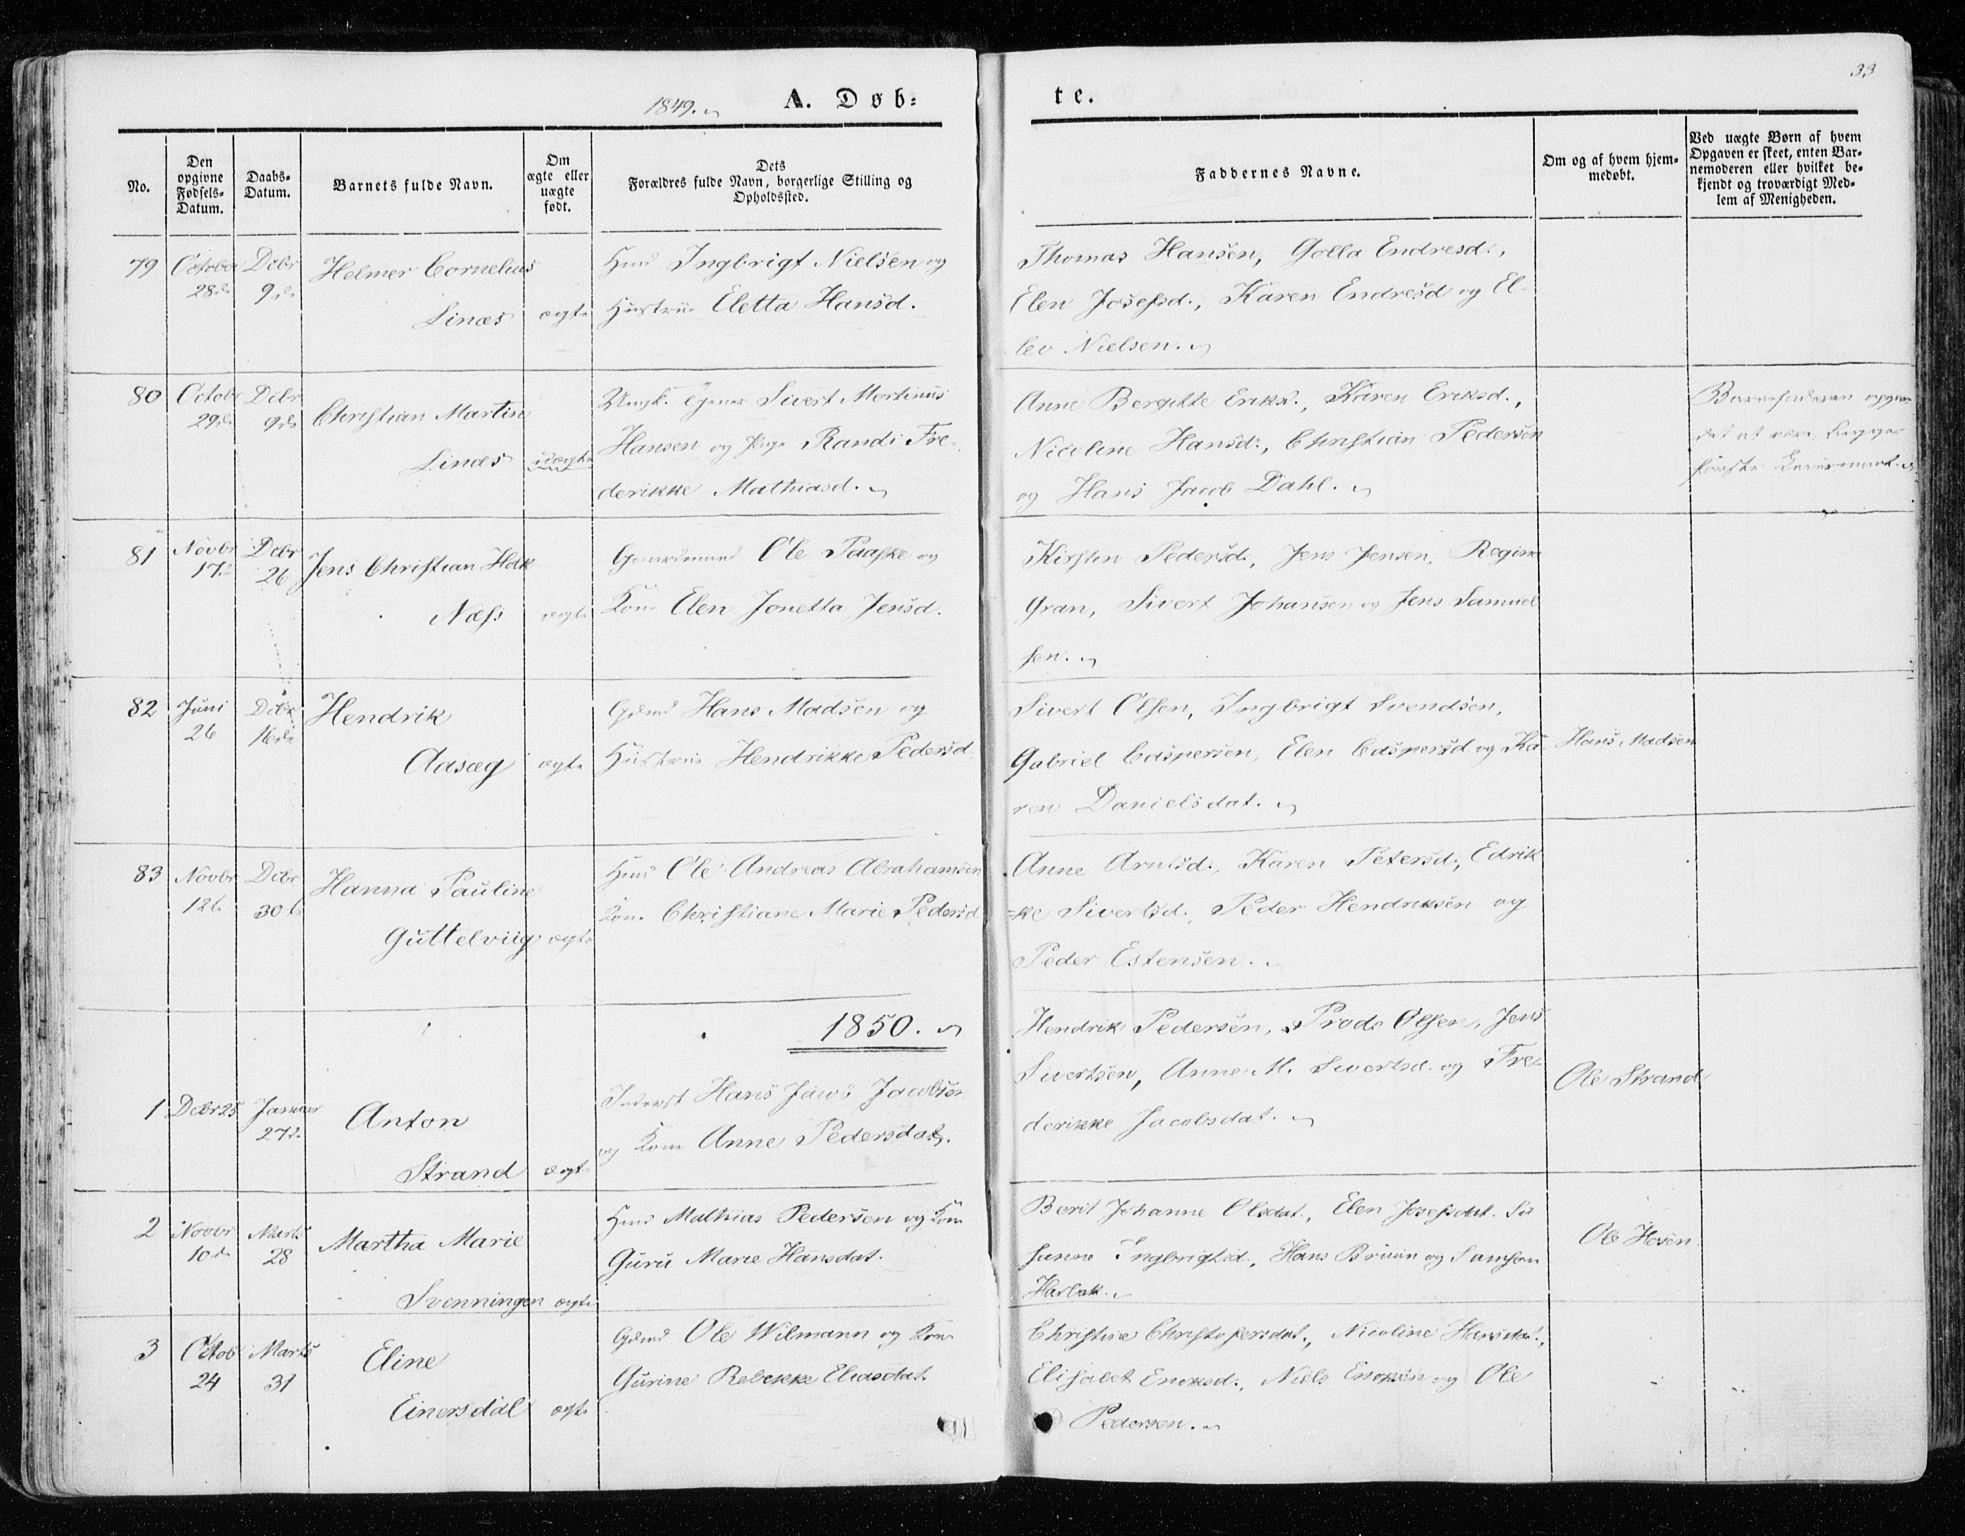 SAT, Ministerialprotokoller, klokkerbøker og fødselsregistre - Sør-Trøndelag, 657/L0704: Ministerialbok nr. 657A05, 1846-1857, s. 33